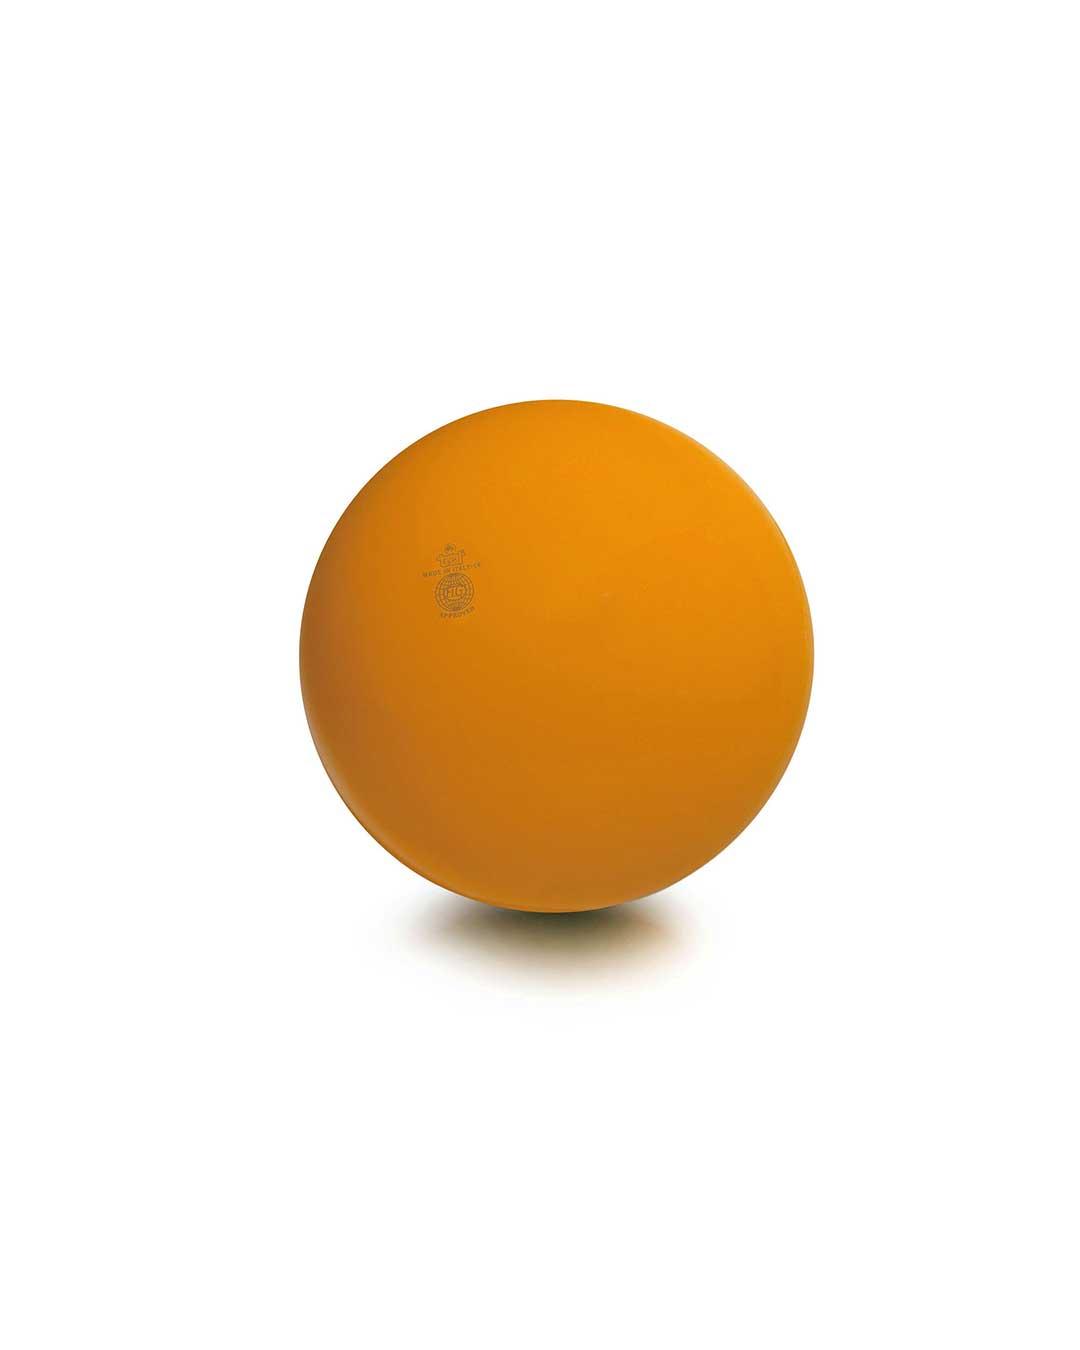 Balón liso de gimnasia rítmica TRIAL 42 naranja